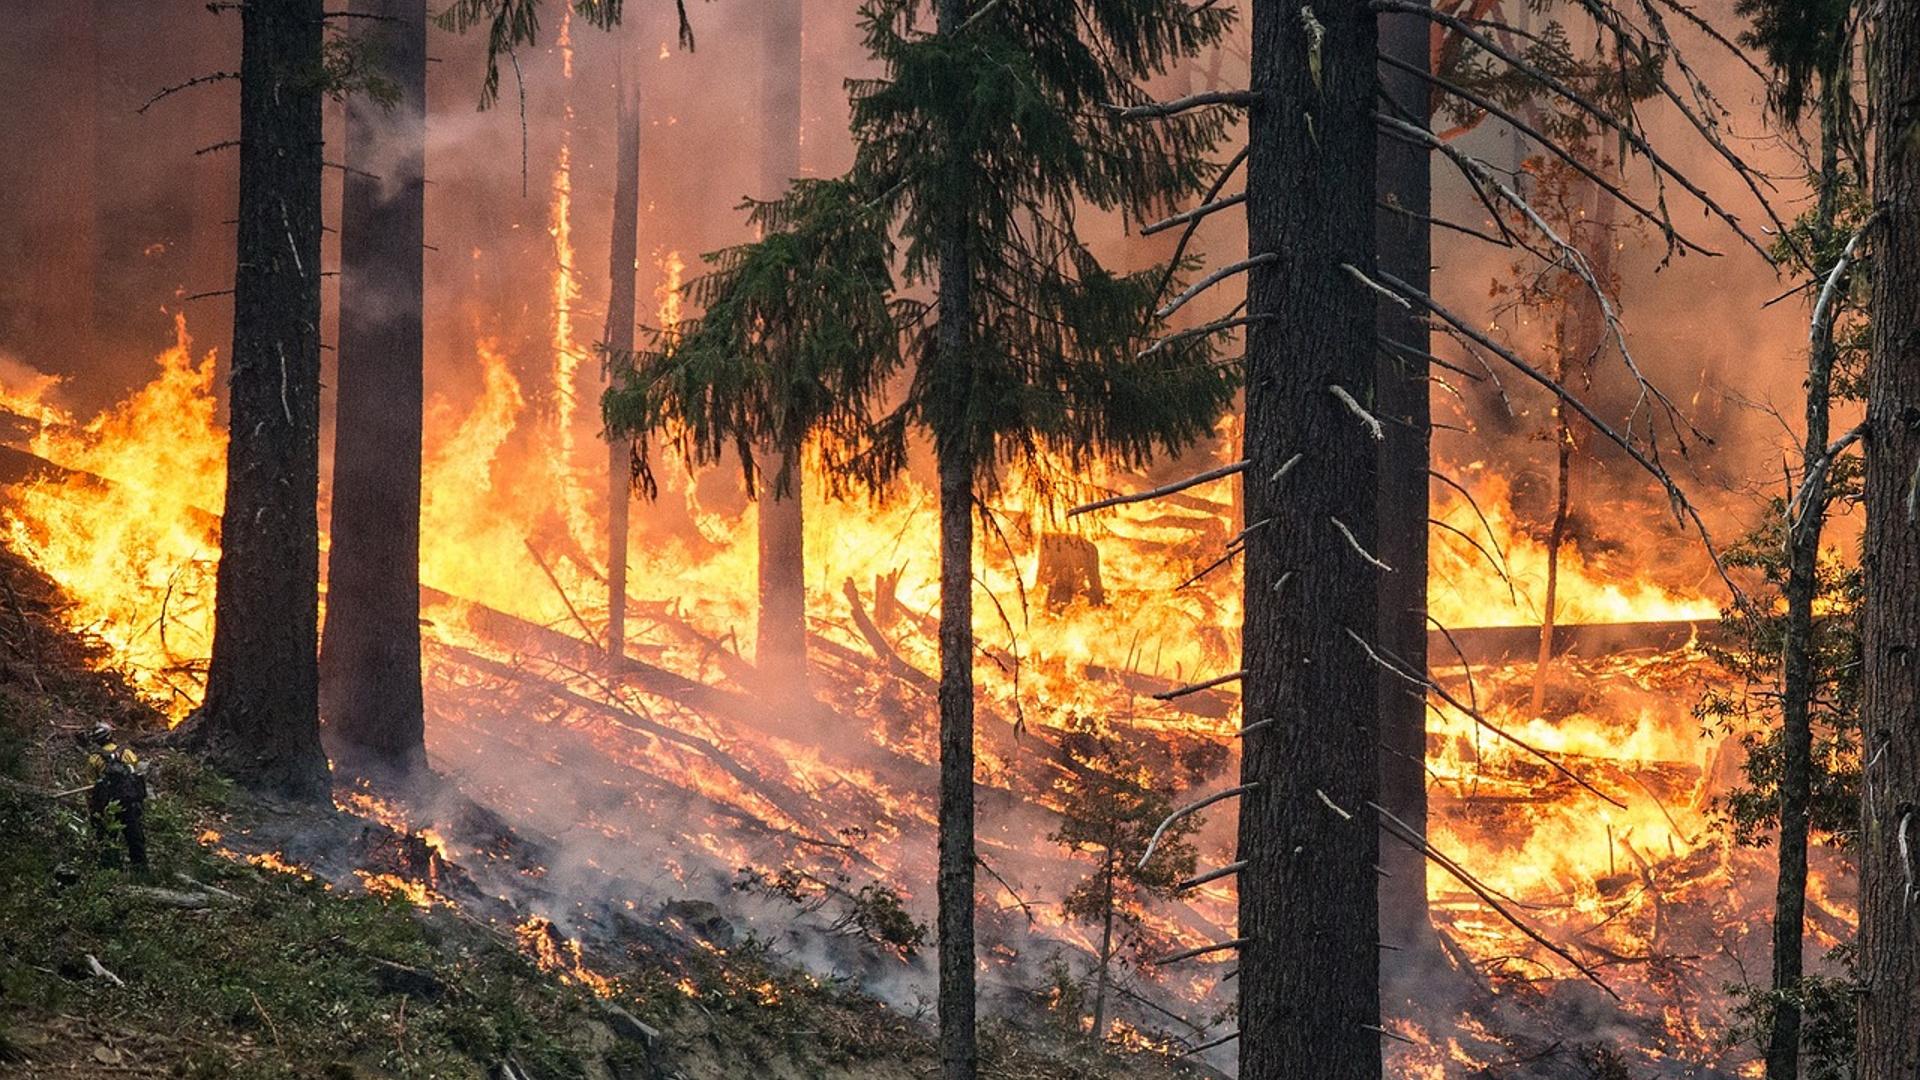 errores-del-incendio-de-Portugal-que-deben-ser-estudiados-1920